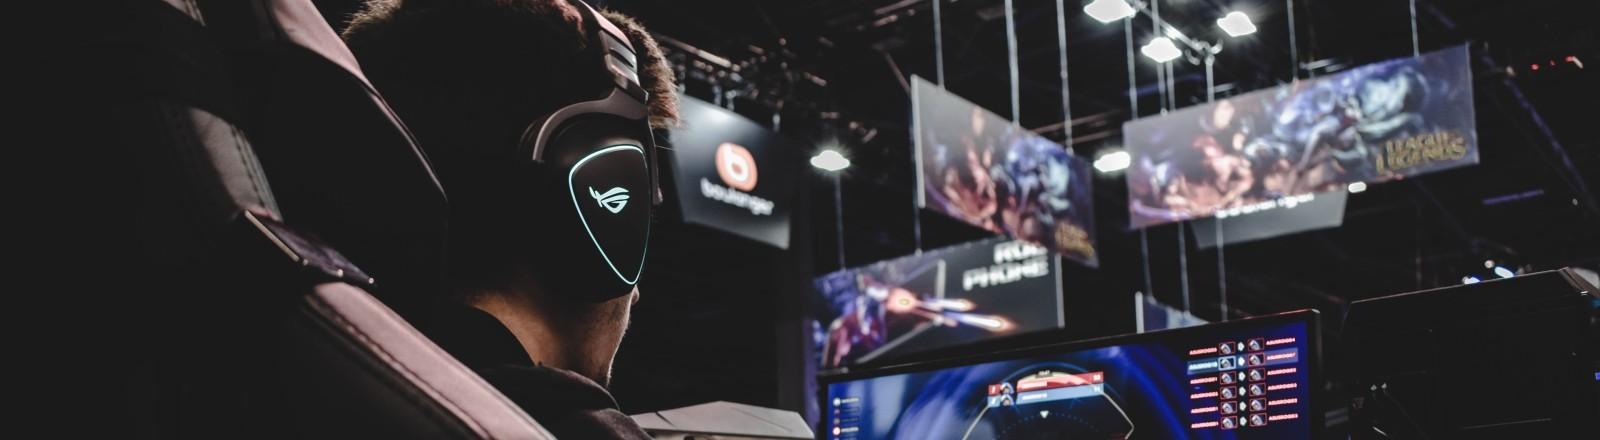 Gamer vor einem Bildschirm